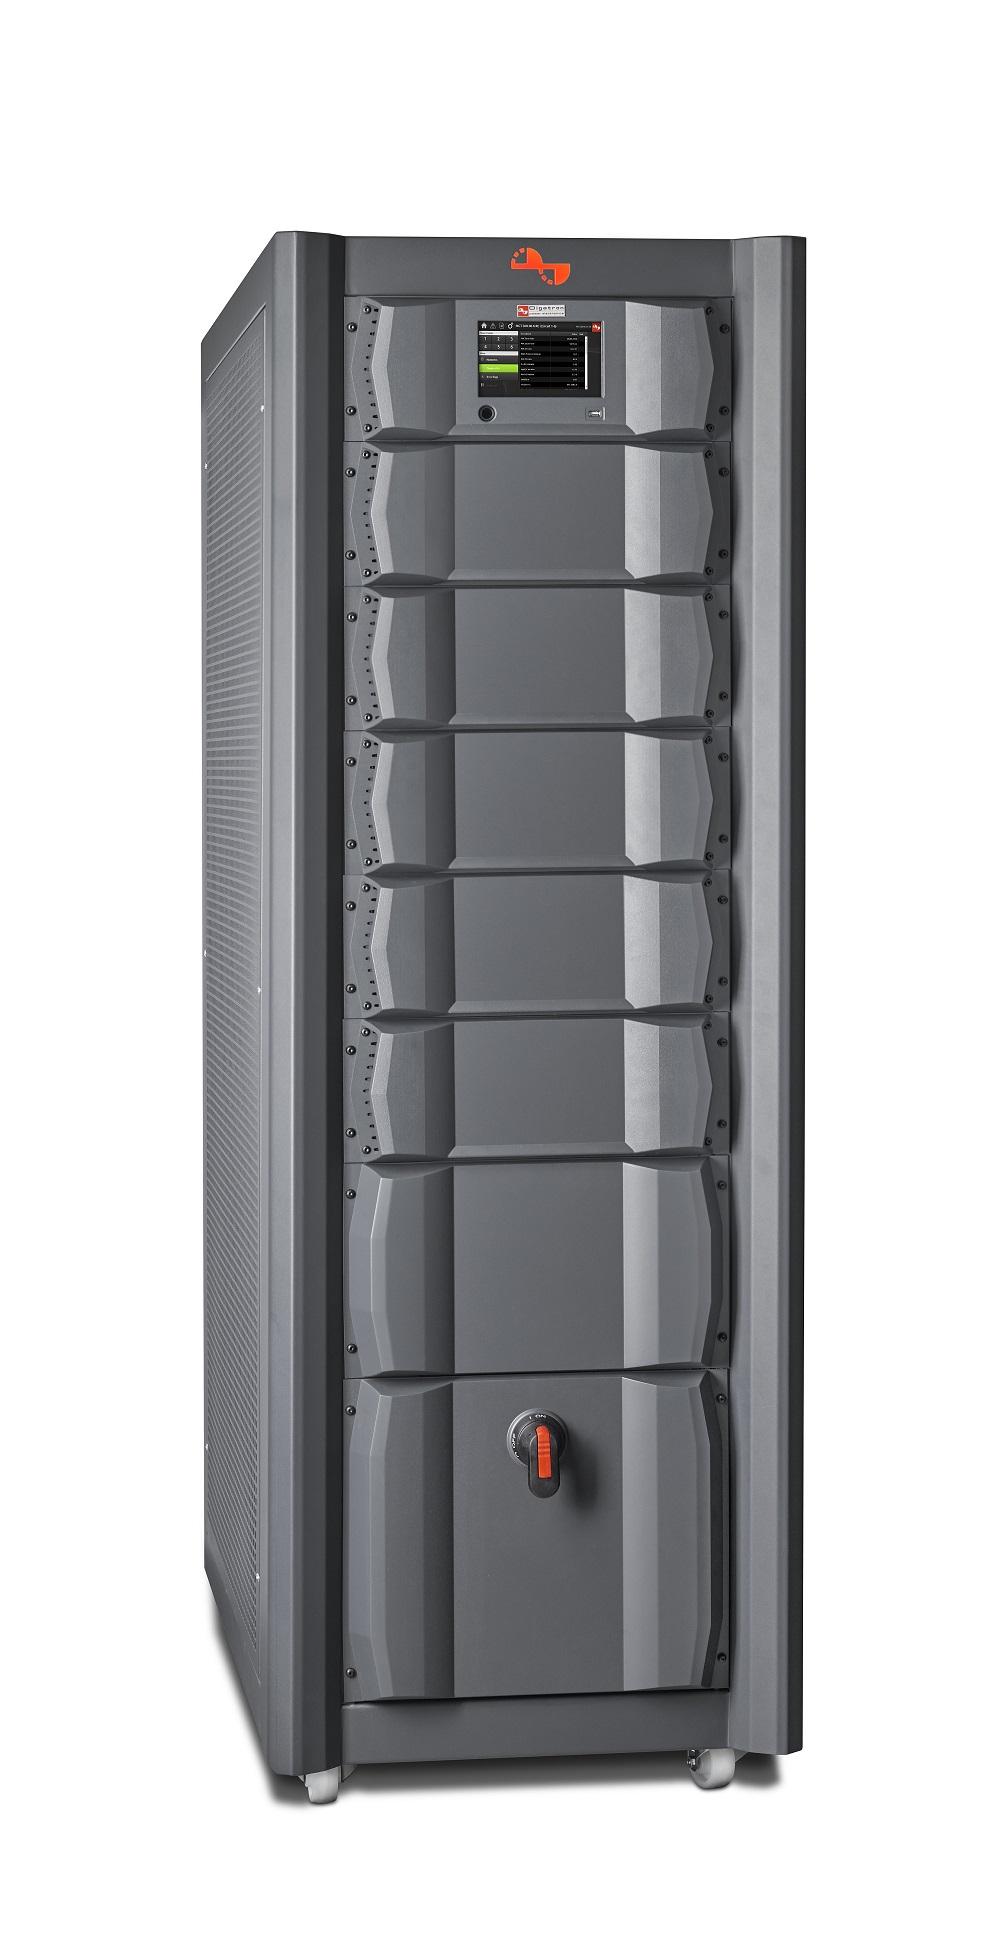 Digatron MCT-HD, energieeffizienter Batterieeinzelzellentester mit einzigartig hoher Packungsdichte, Einzelschrank